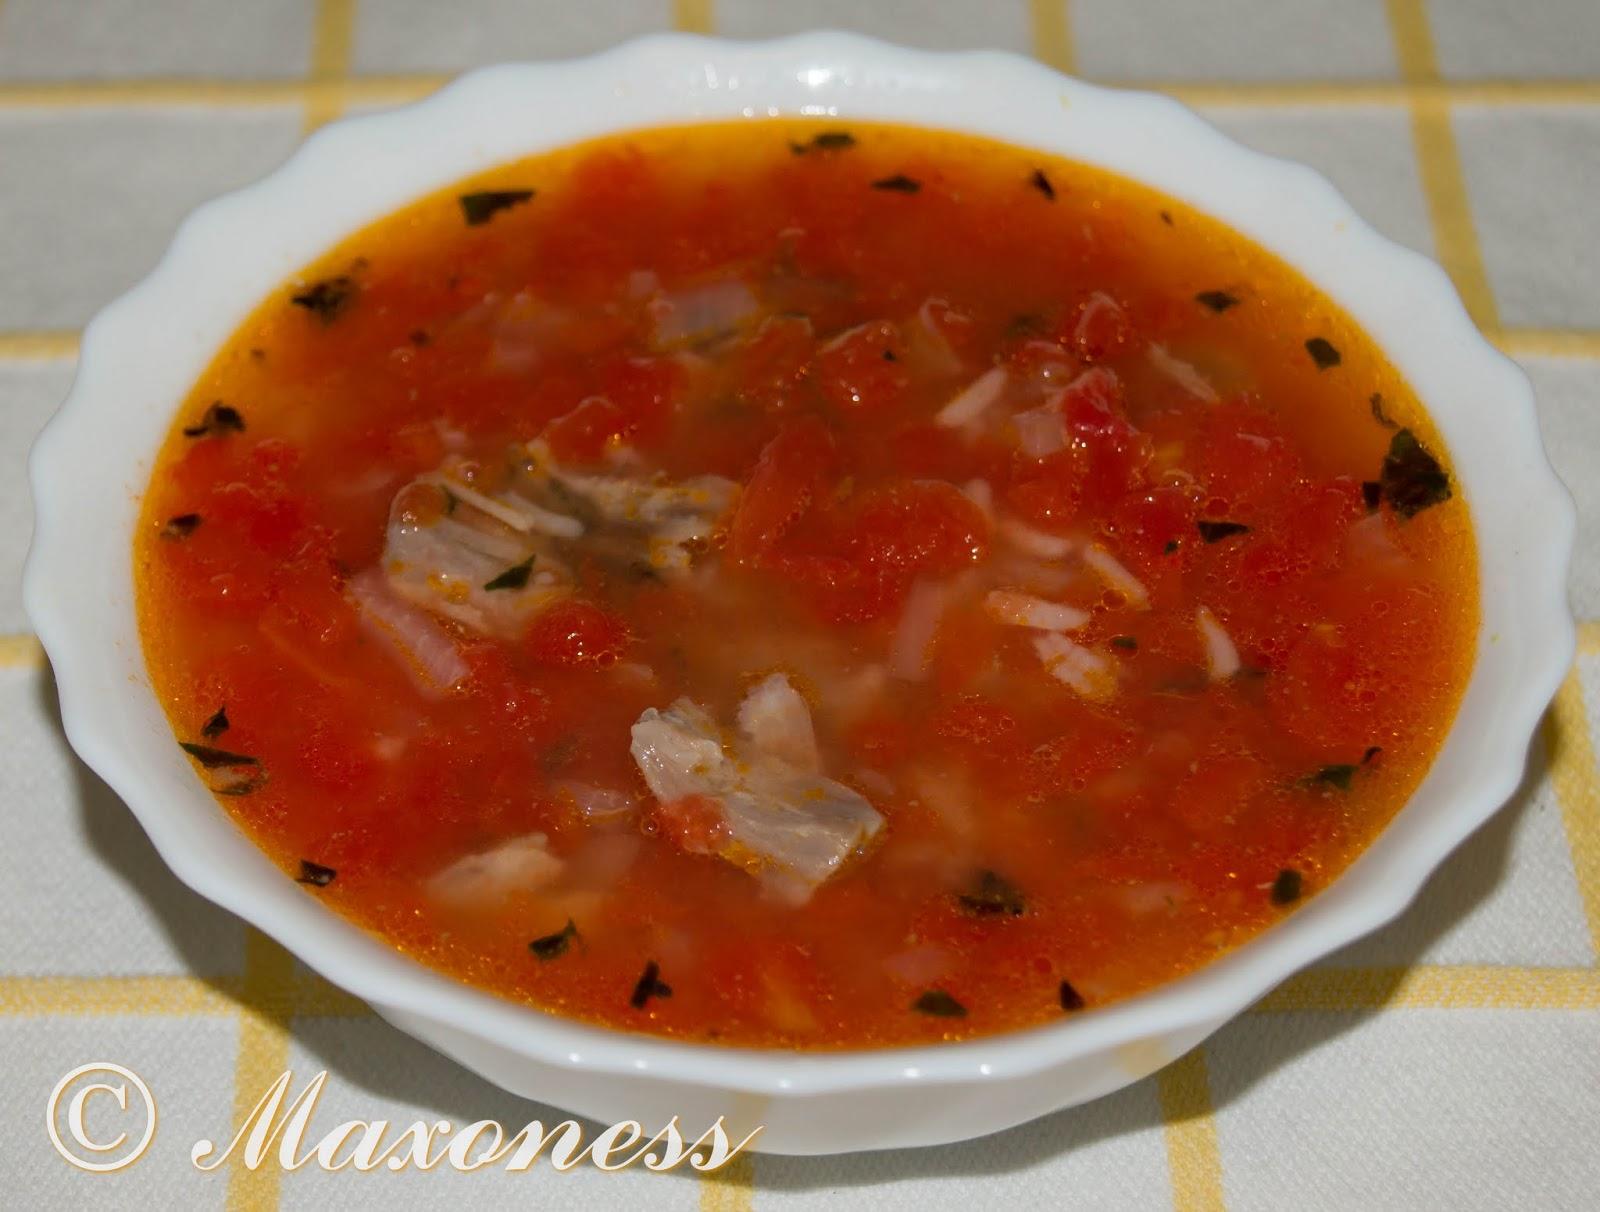 Суп из баранины с помидорами. Арабская кухня